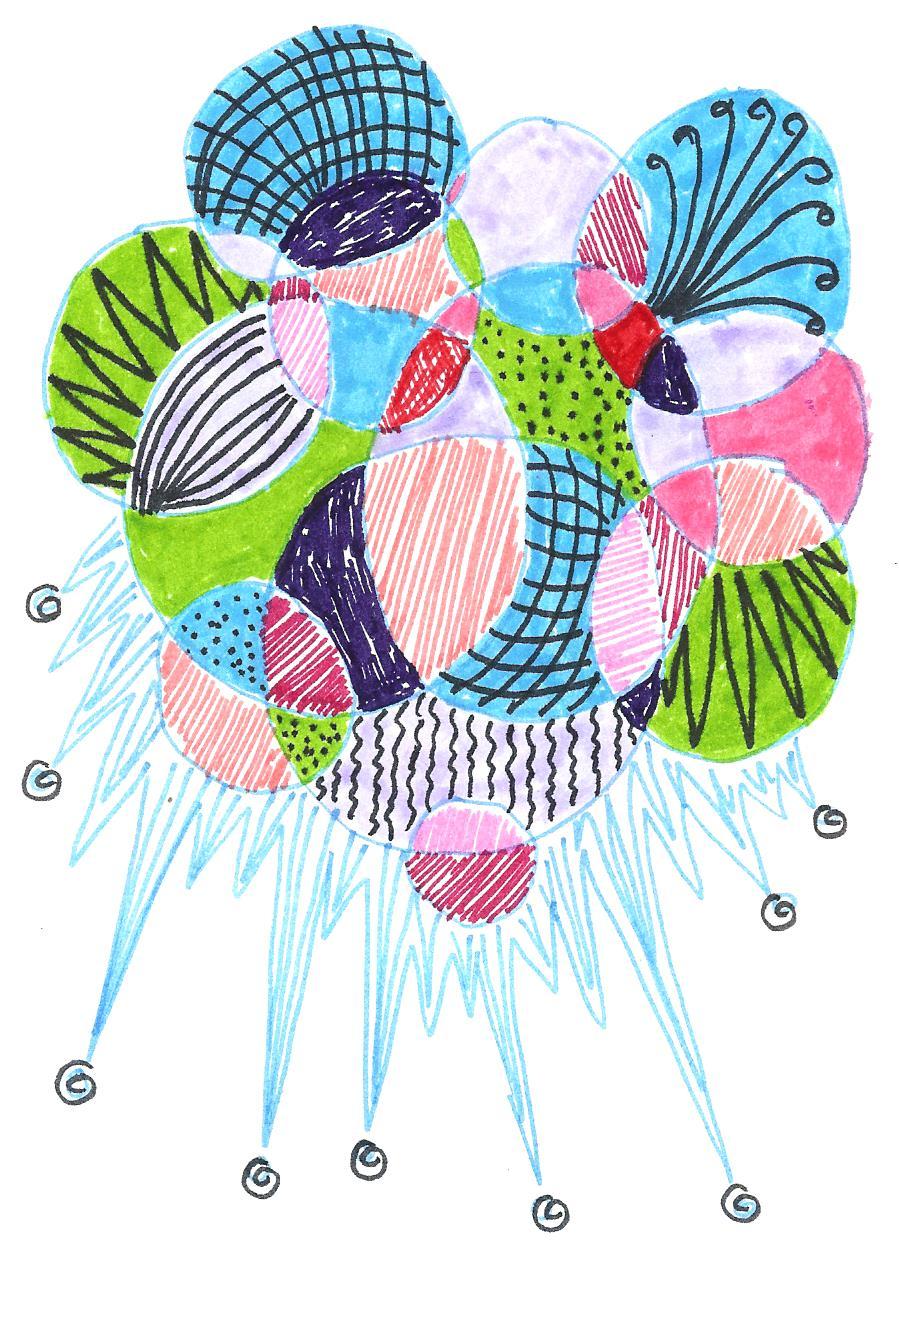 Circles by Aimee Gangel